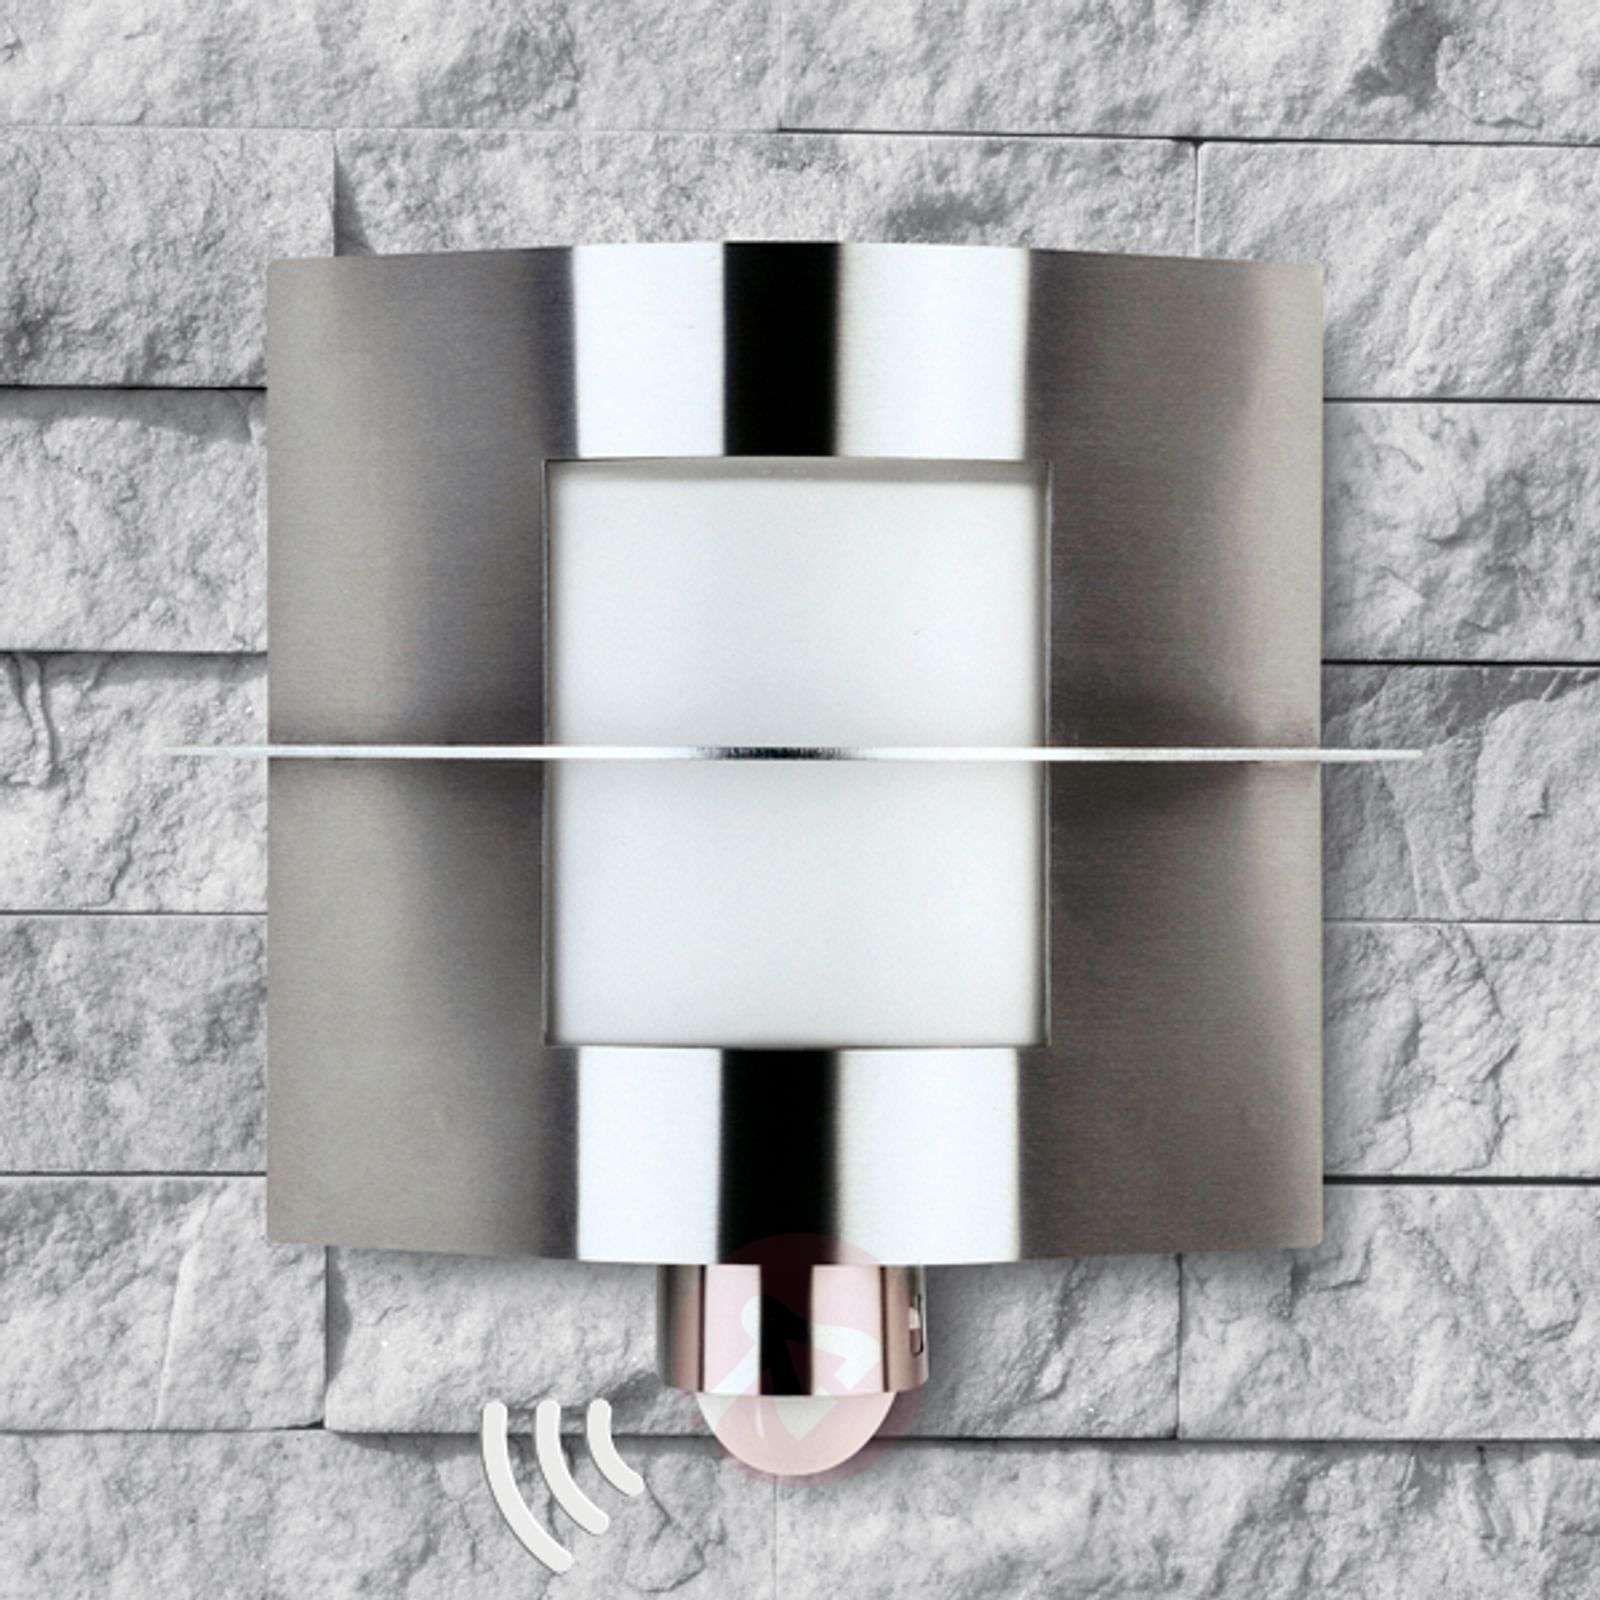 Pin On Lampy Wiszace Zewnetrzne